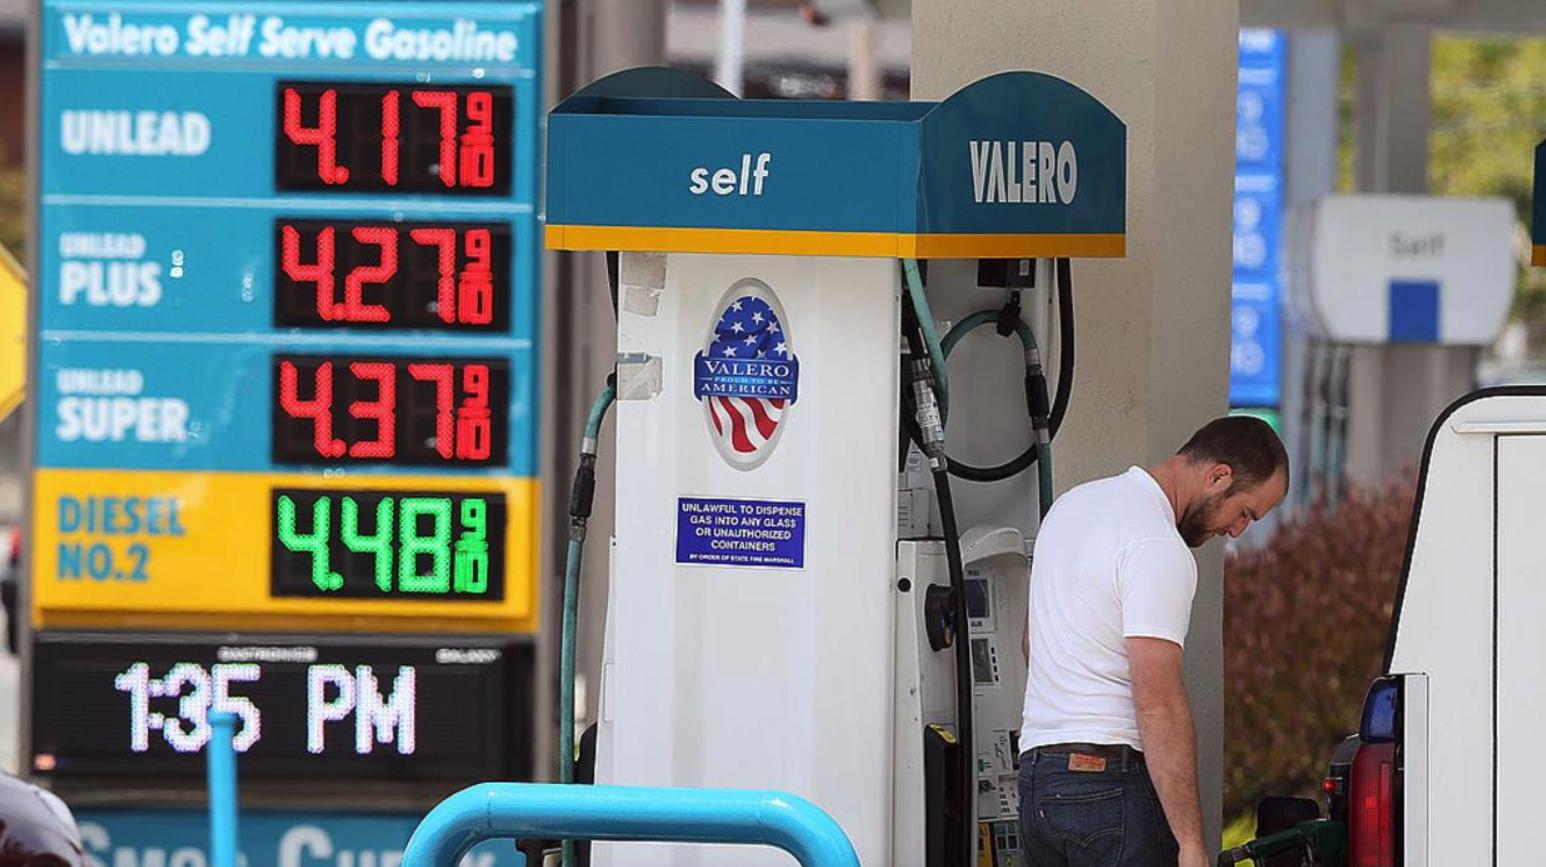 el precio de la gasolina en ee.uu. alcanza su maximo en 7 anos